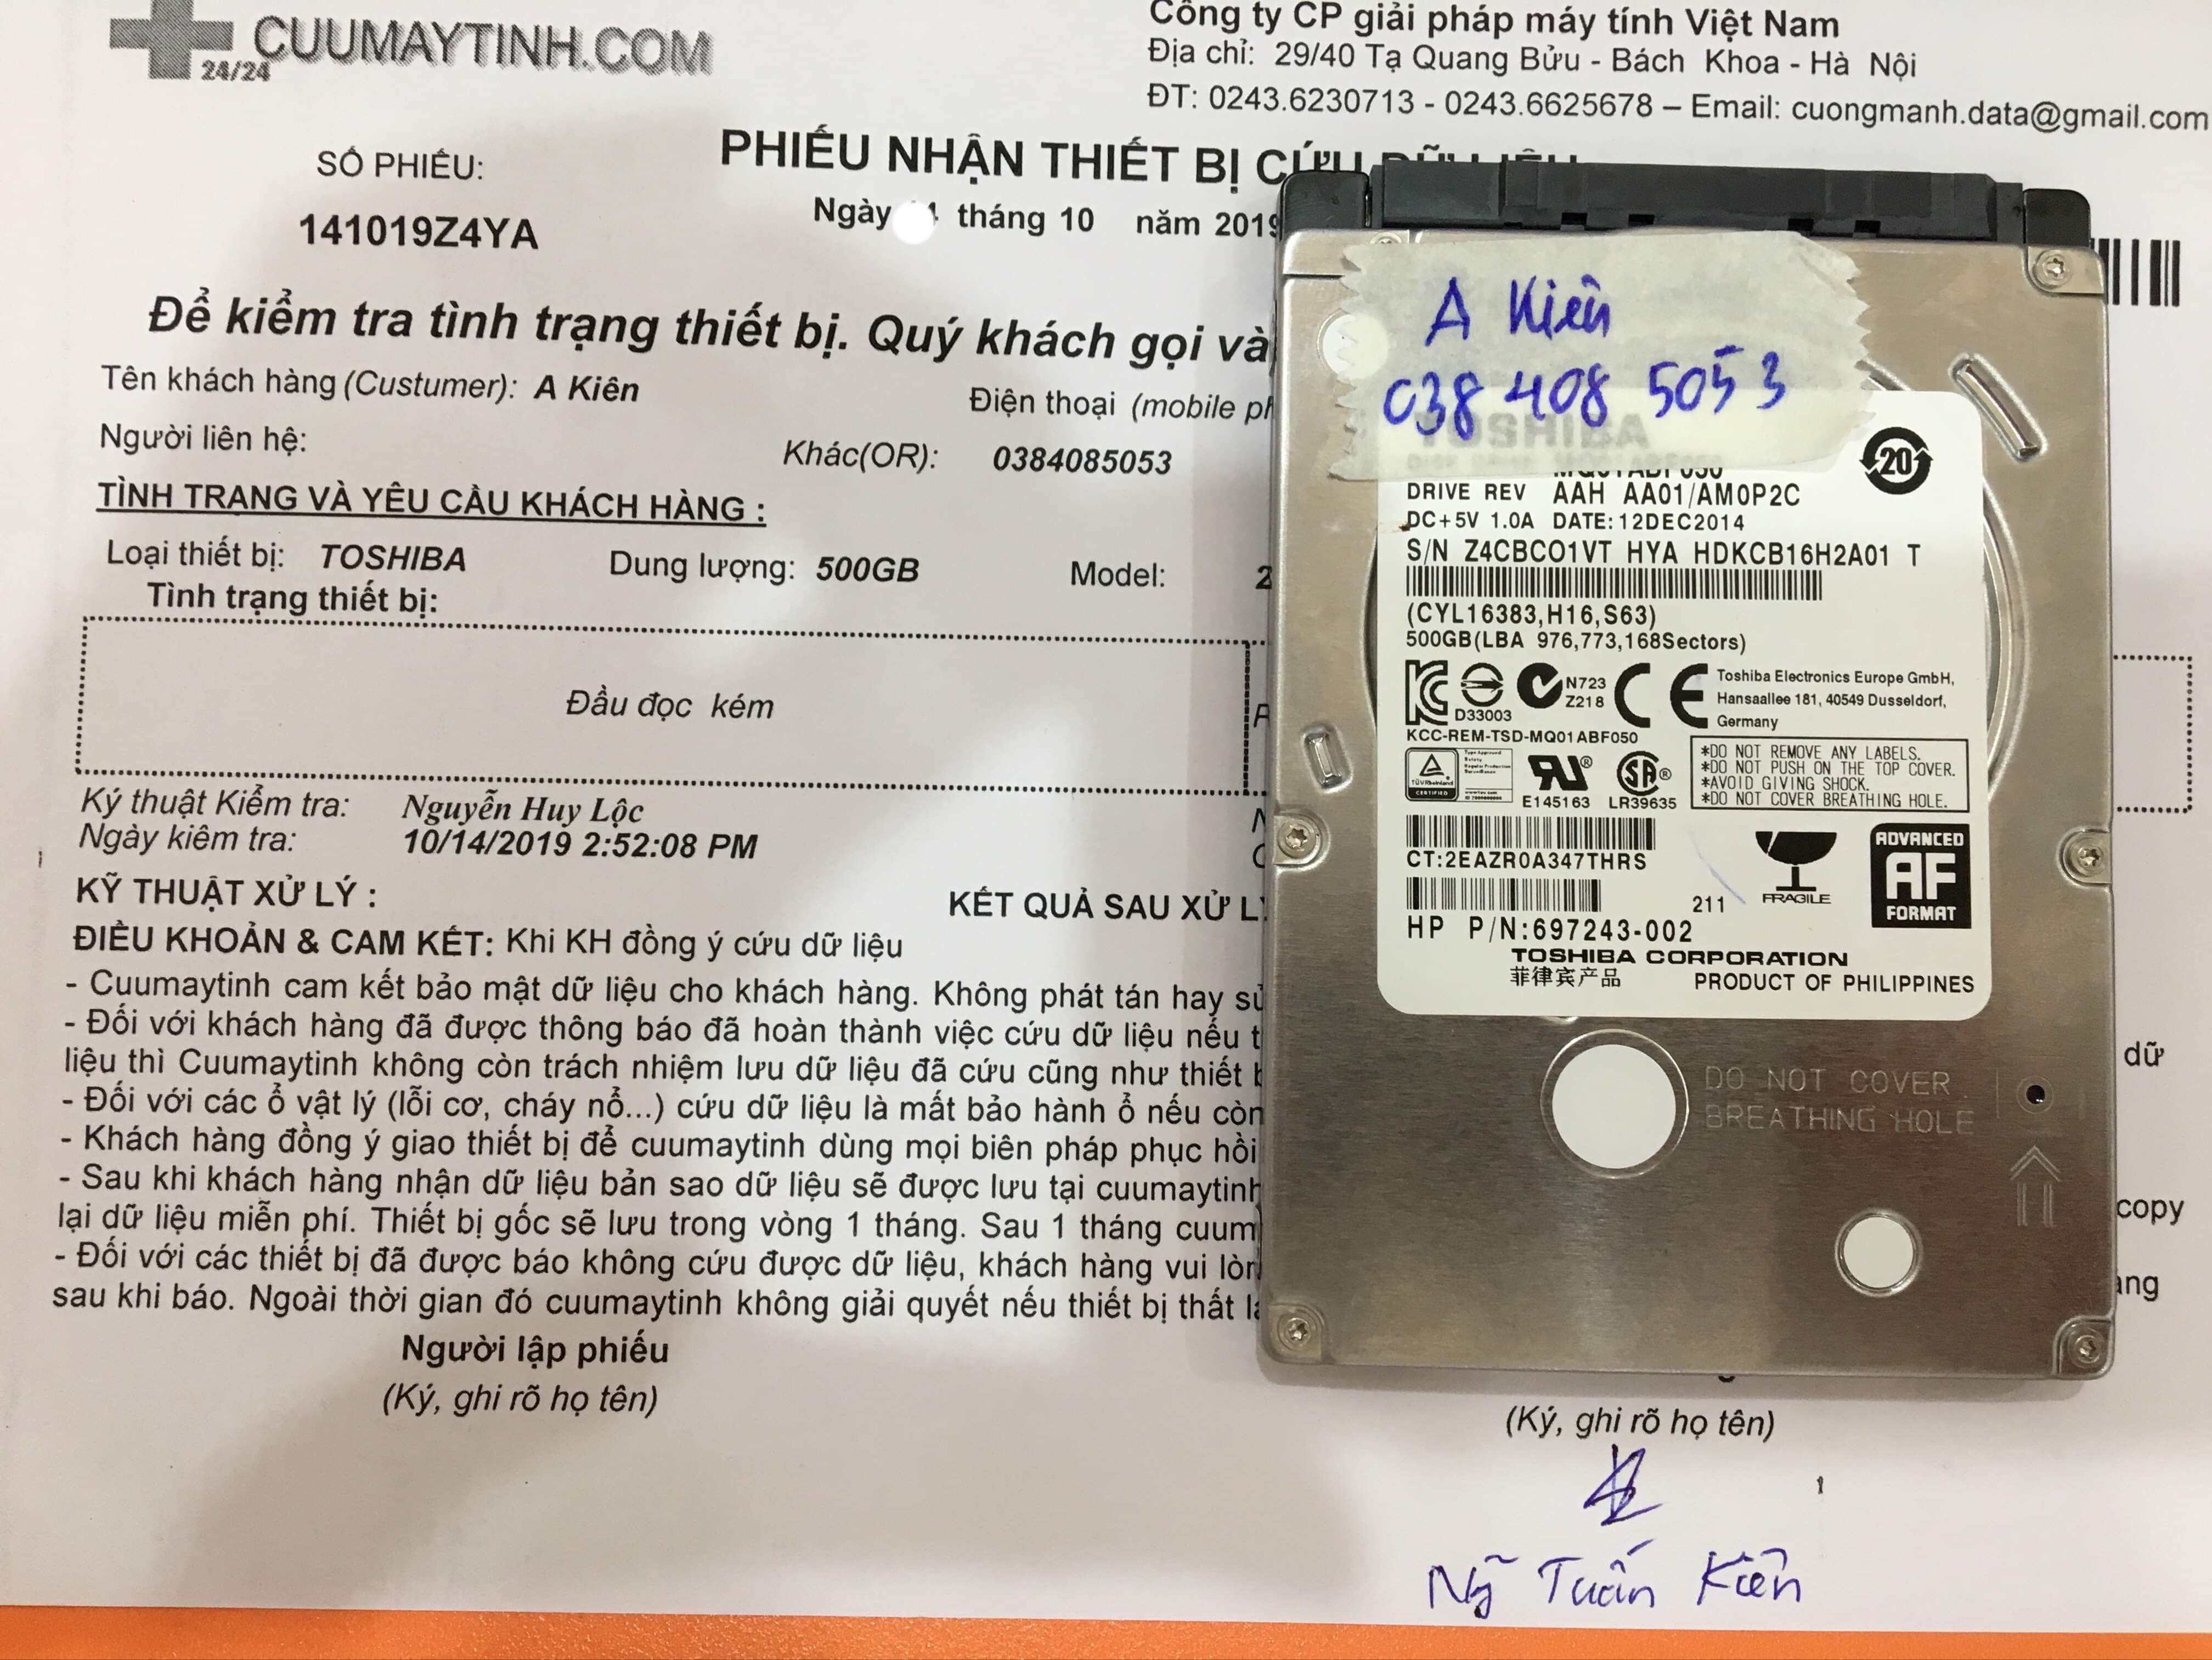 Cứu dữ liệu ổ cứng Toshiba 500GB đầu đọc kém 25/10/2019 - cuumaytinh